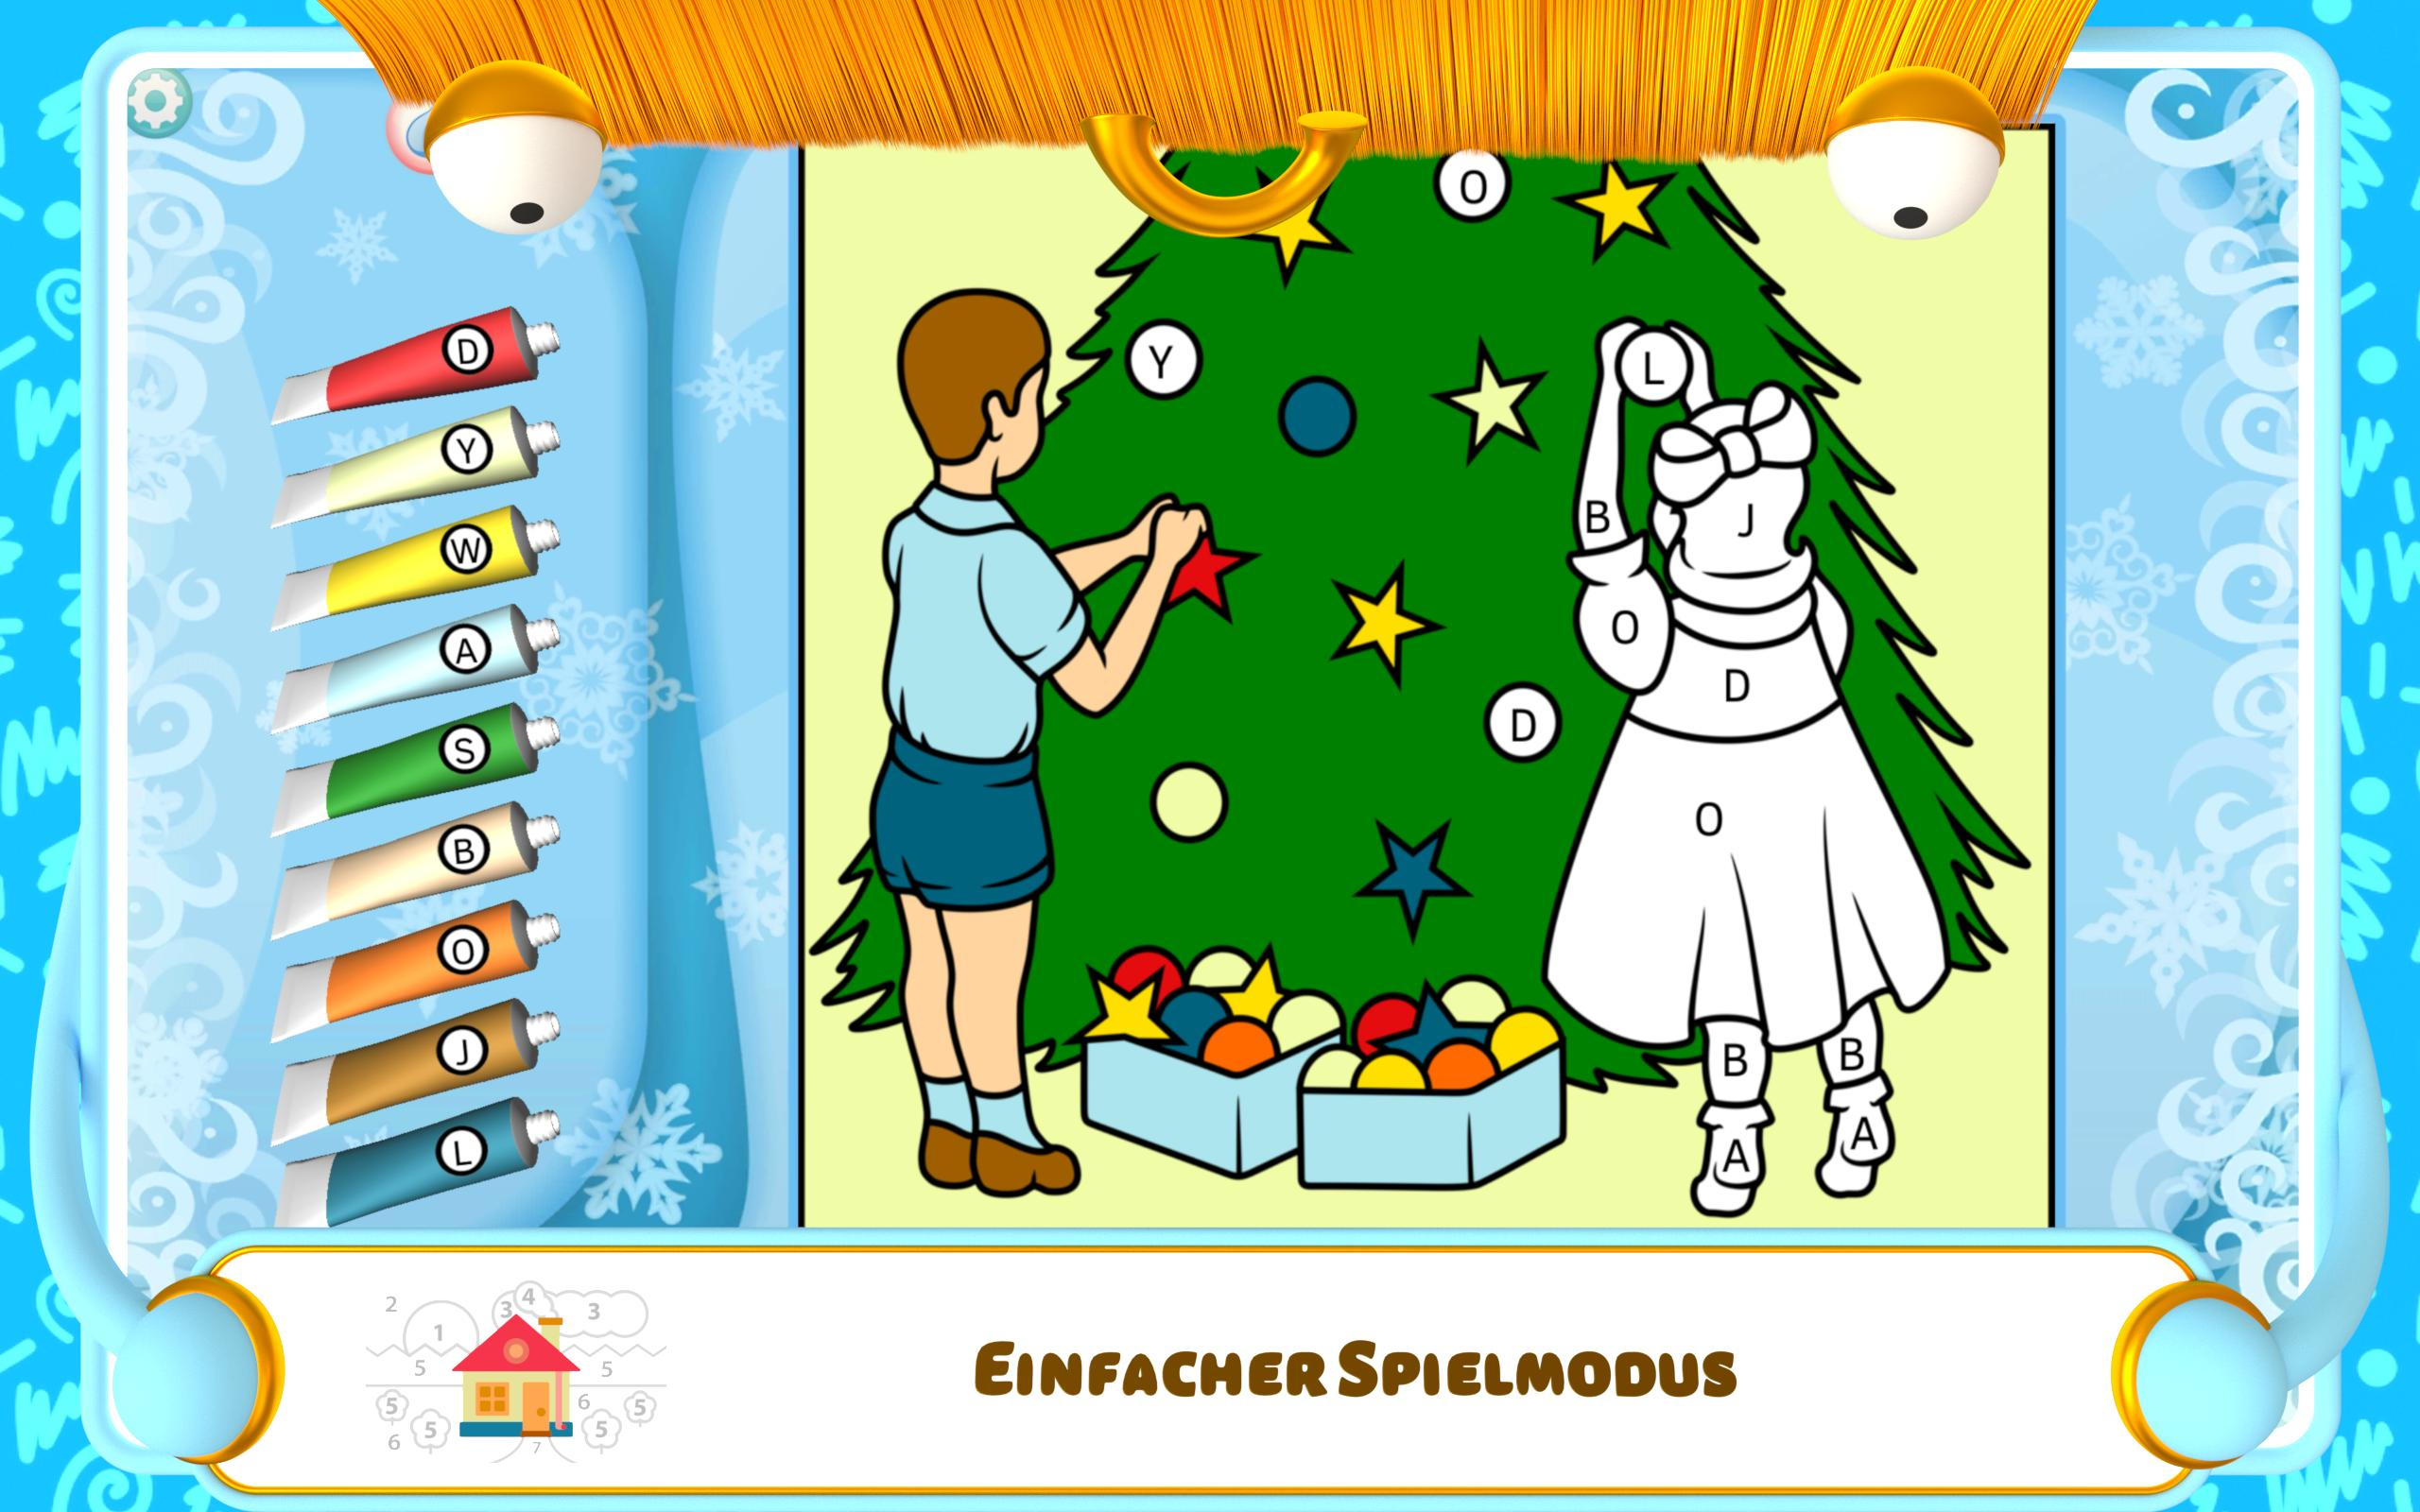 Malen Nach Zahlen Weihnachten Für Android - Apk Herunterladen bei Weihnachten Malen Nach Zahlen